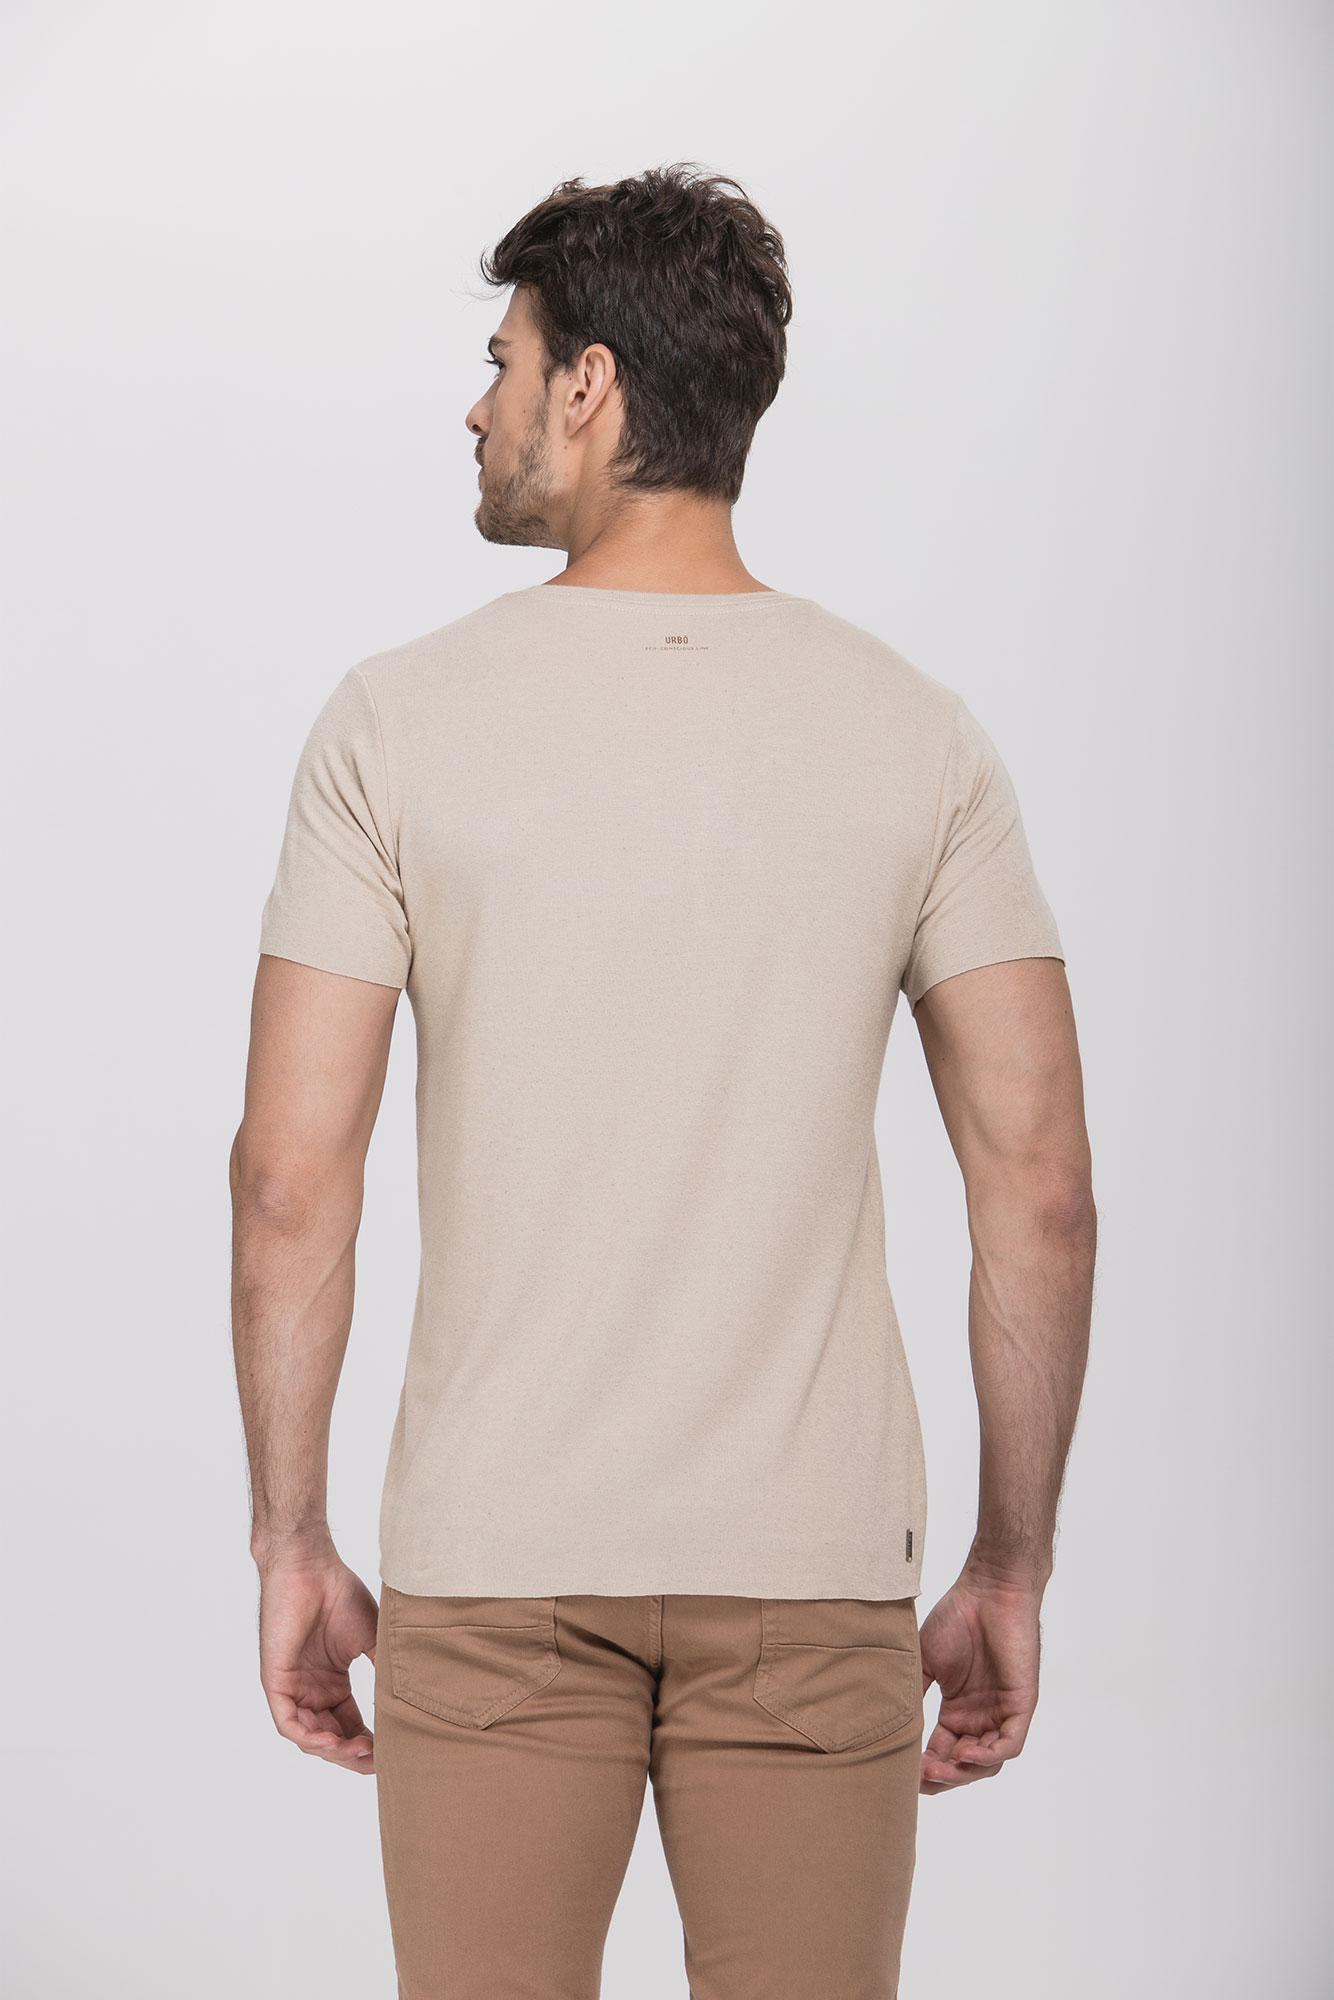 Camiseta Lino Natural Bege